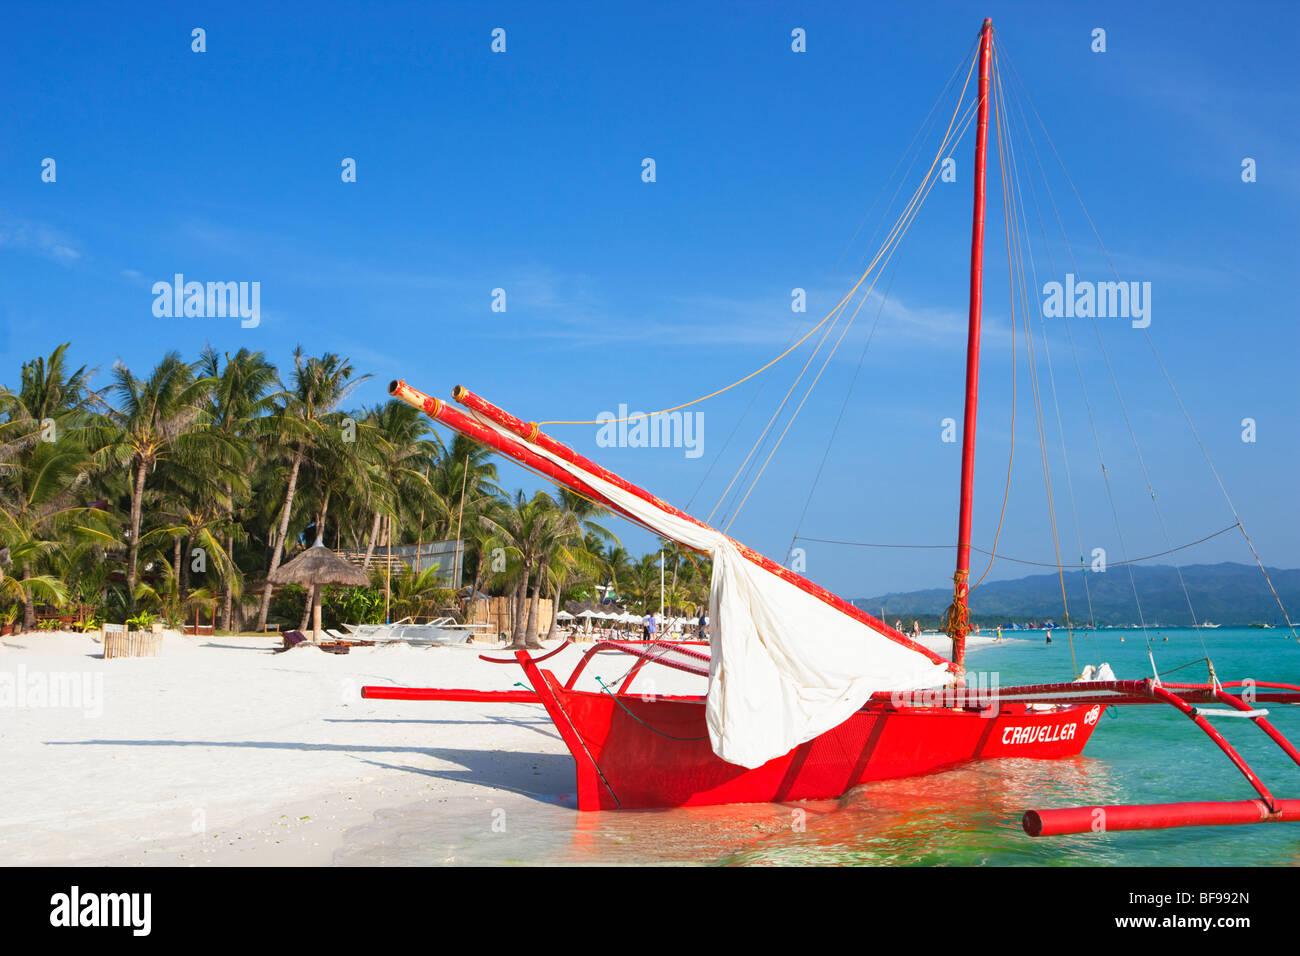 Barca rossa e bianca sabbia e palme Boracay; Il Visayas; Filippine. Immagini Stock